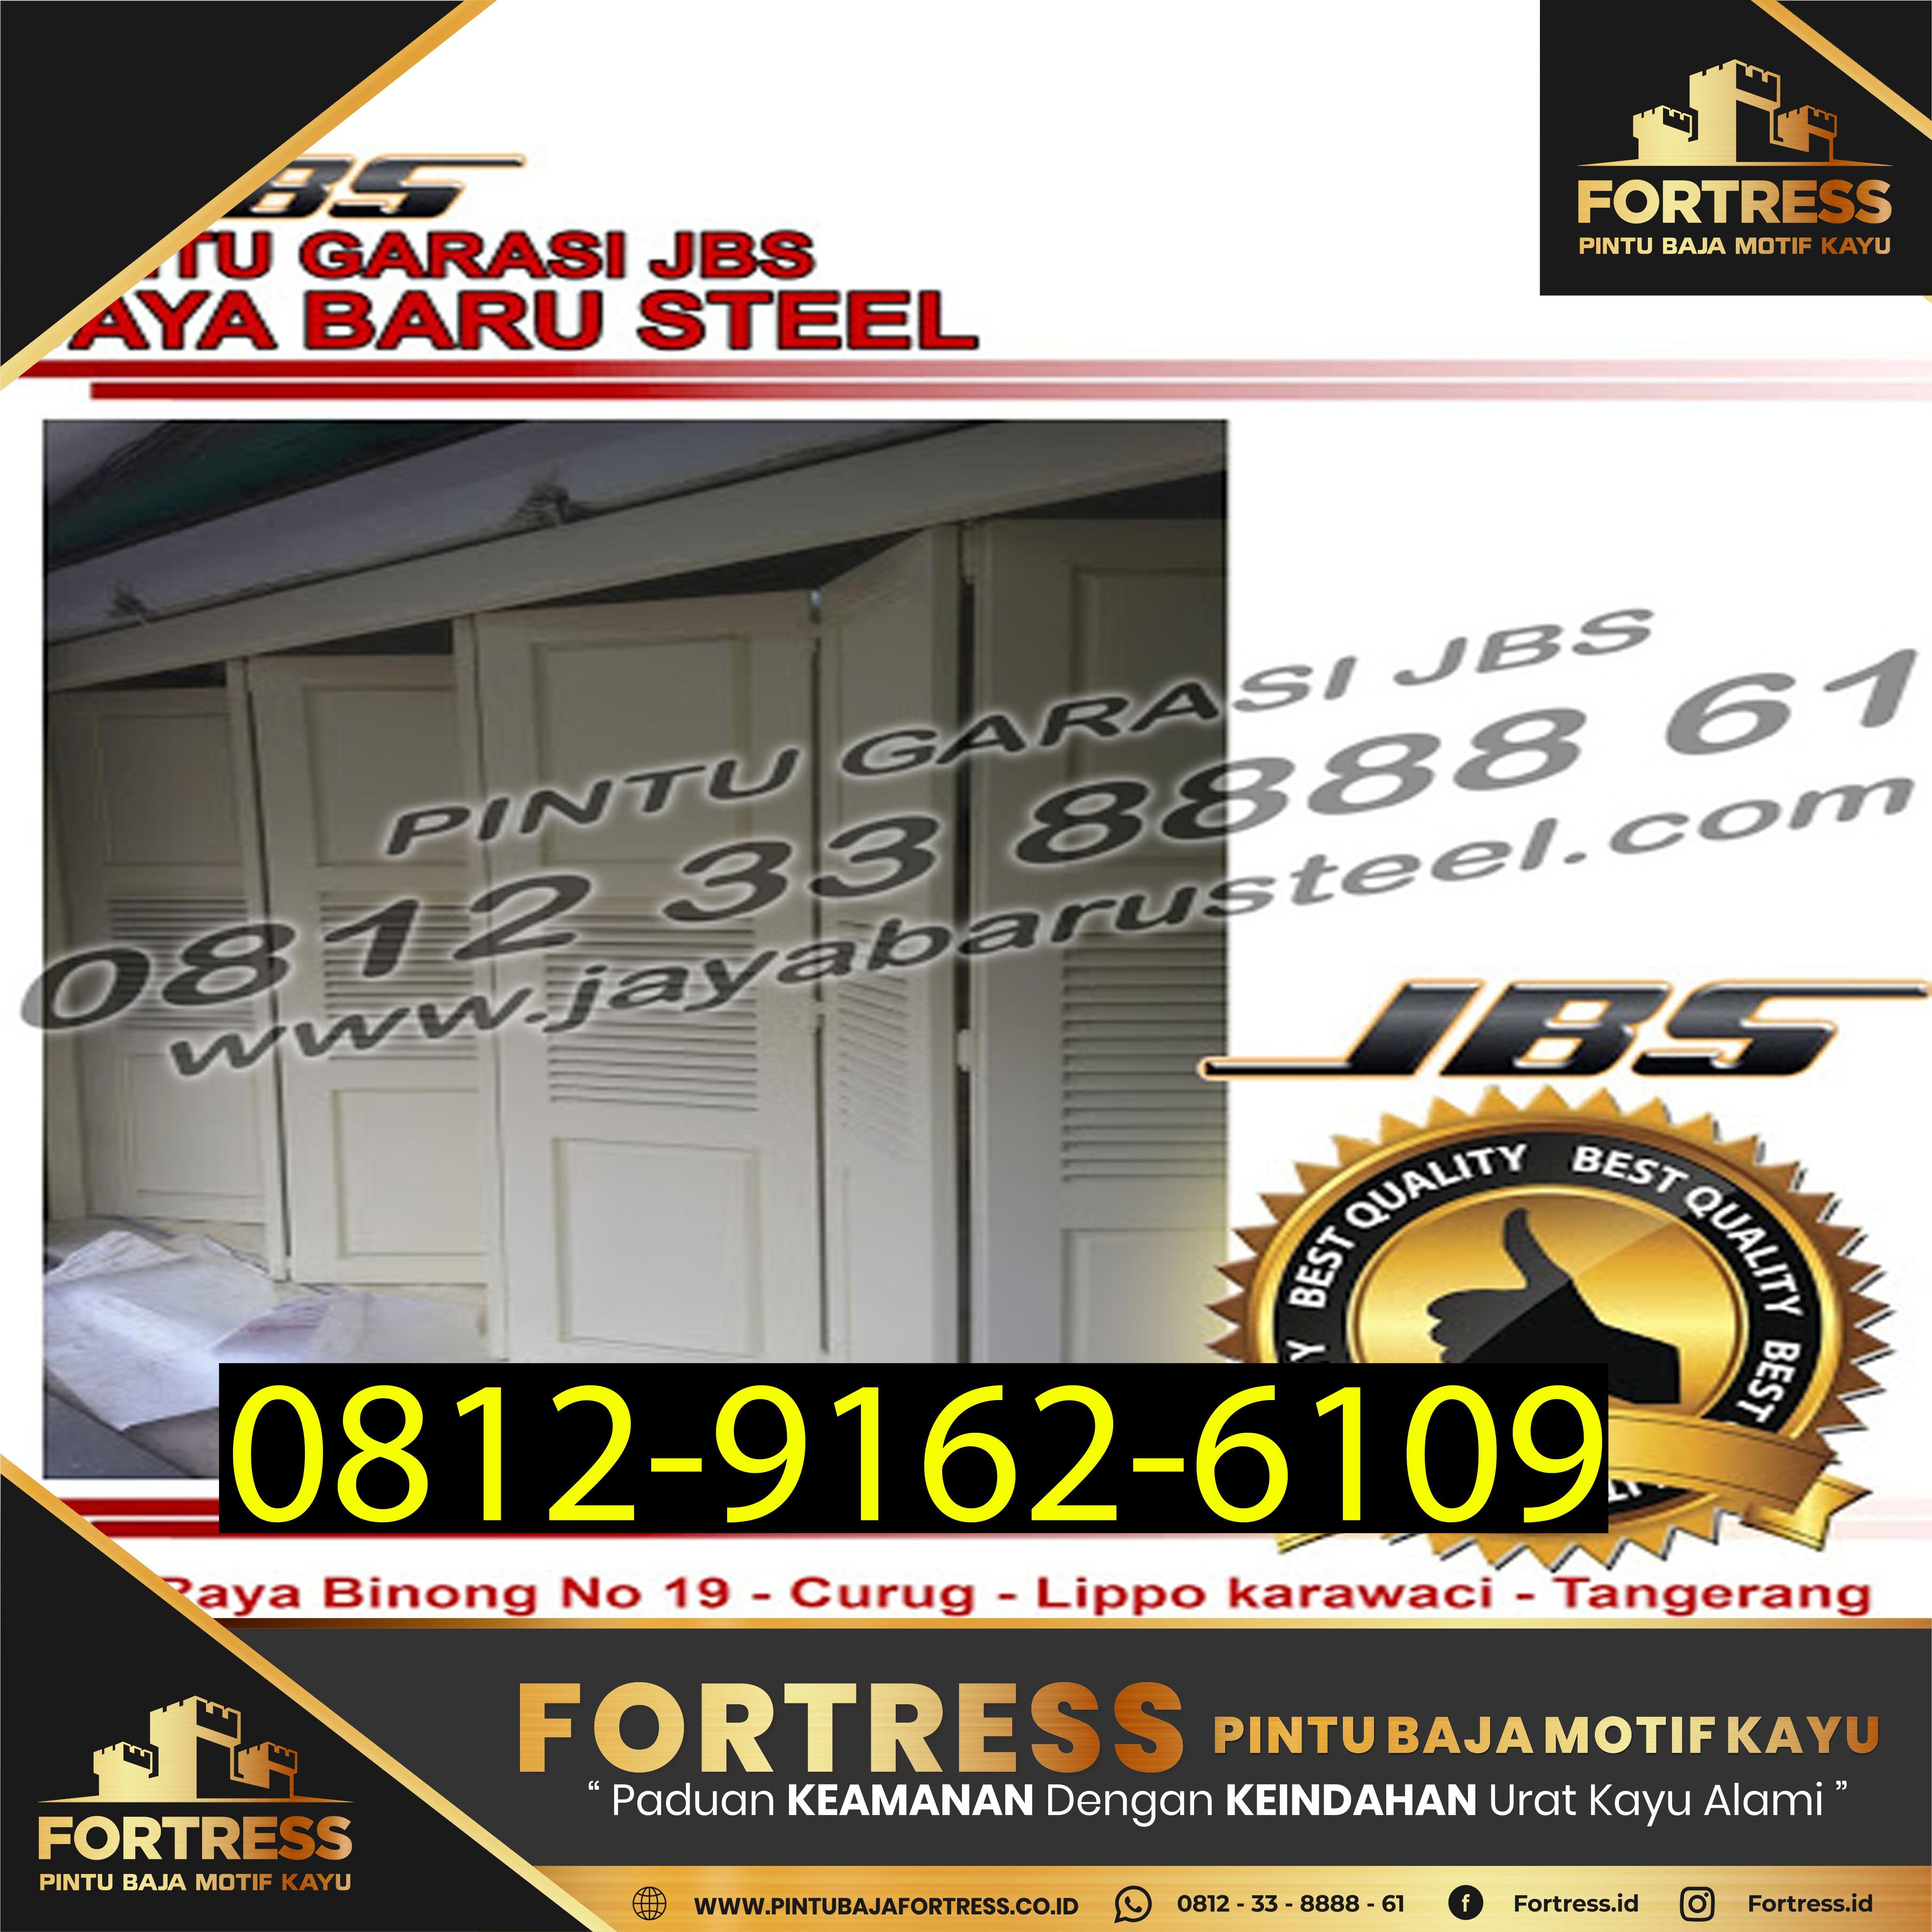 0812 9162 609 Fortress Pintu Garasi Sliding Kayu Pintu Garasi Sliding Kayu Jati Bogor Pintu Garasi Garasi Pintu